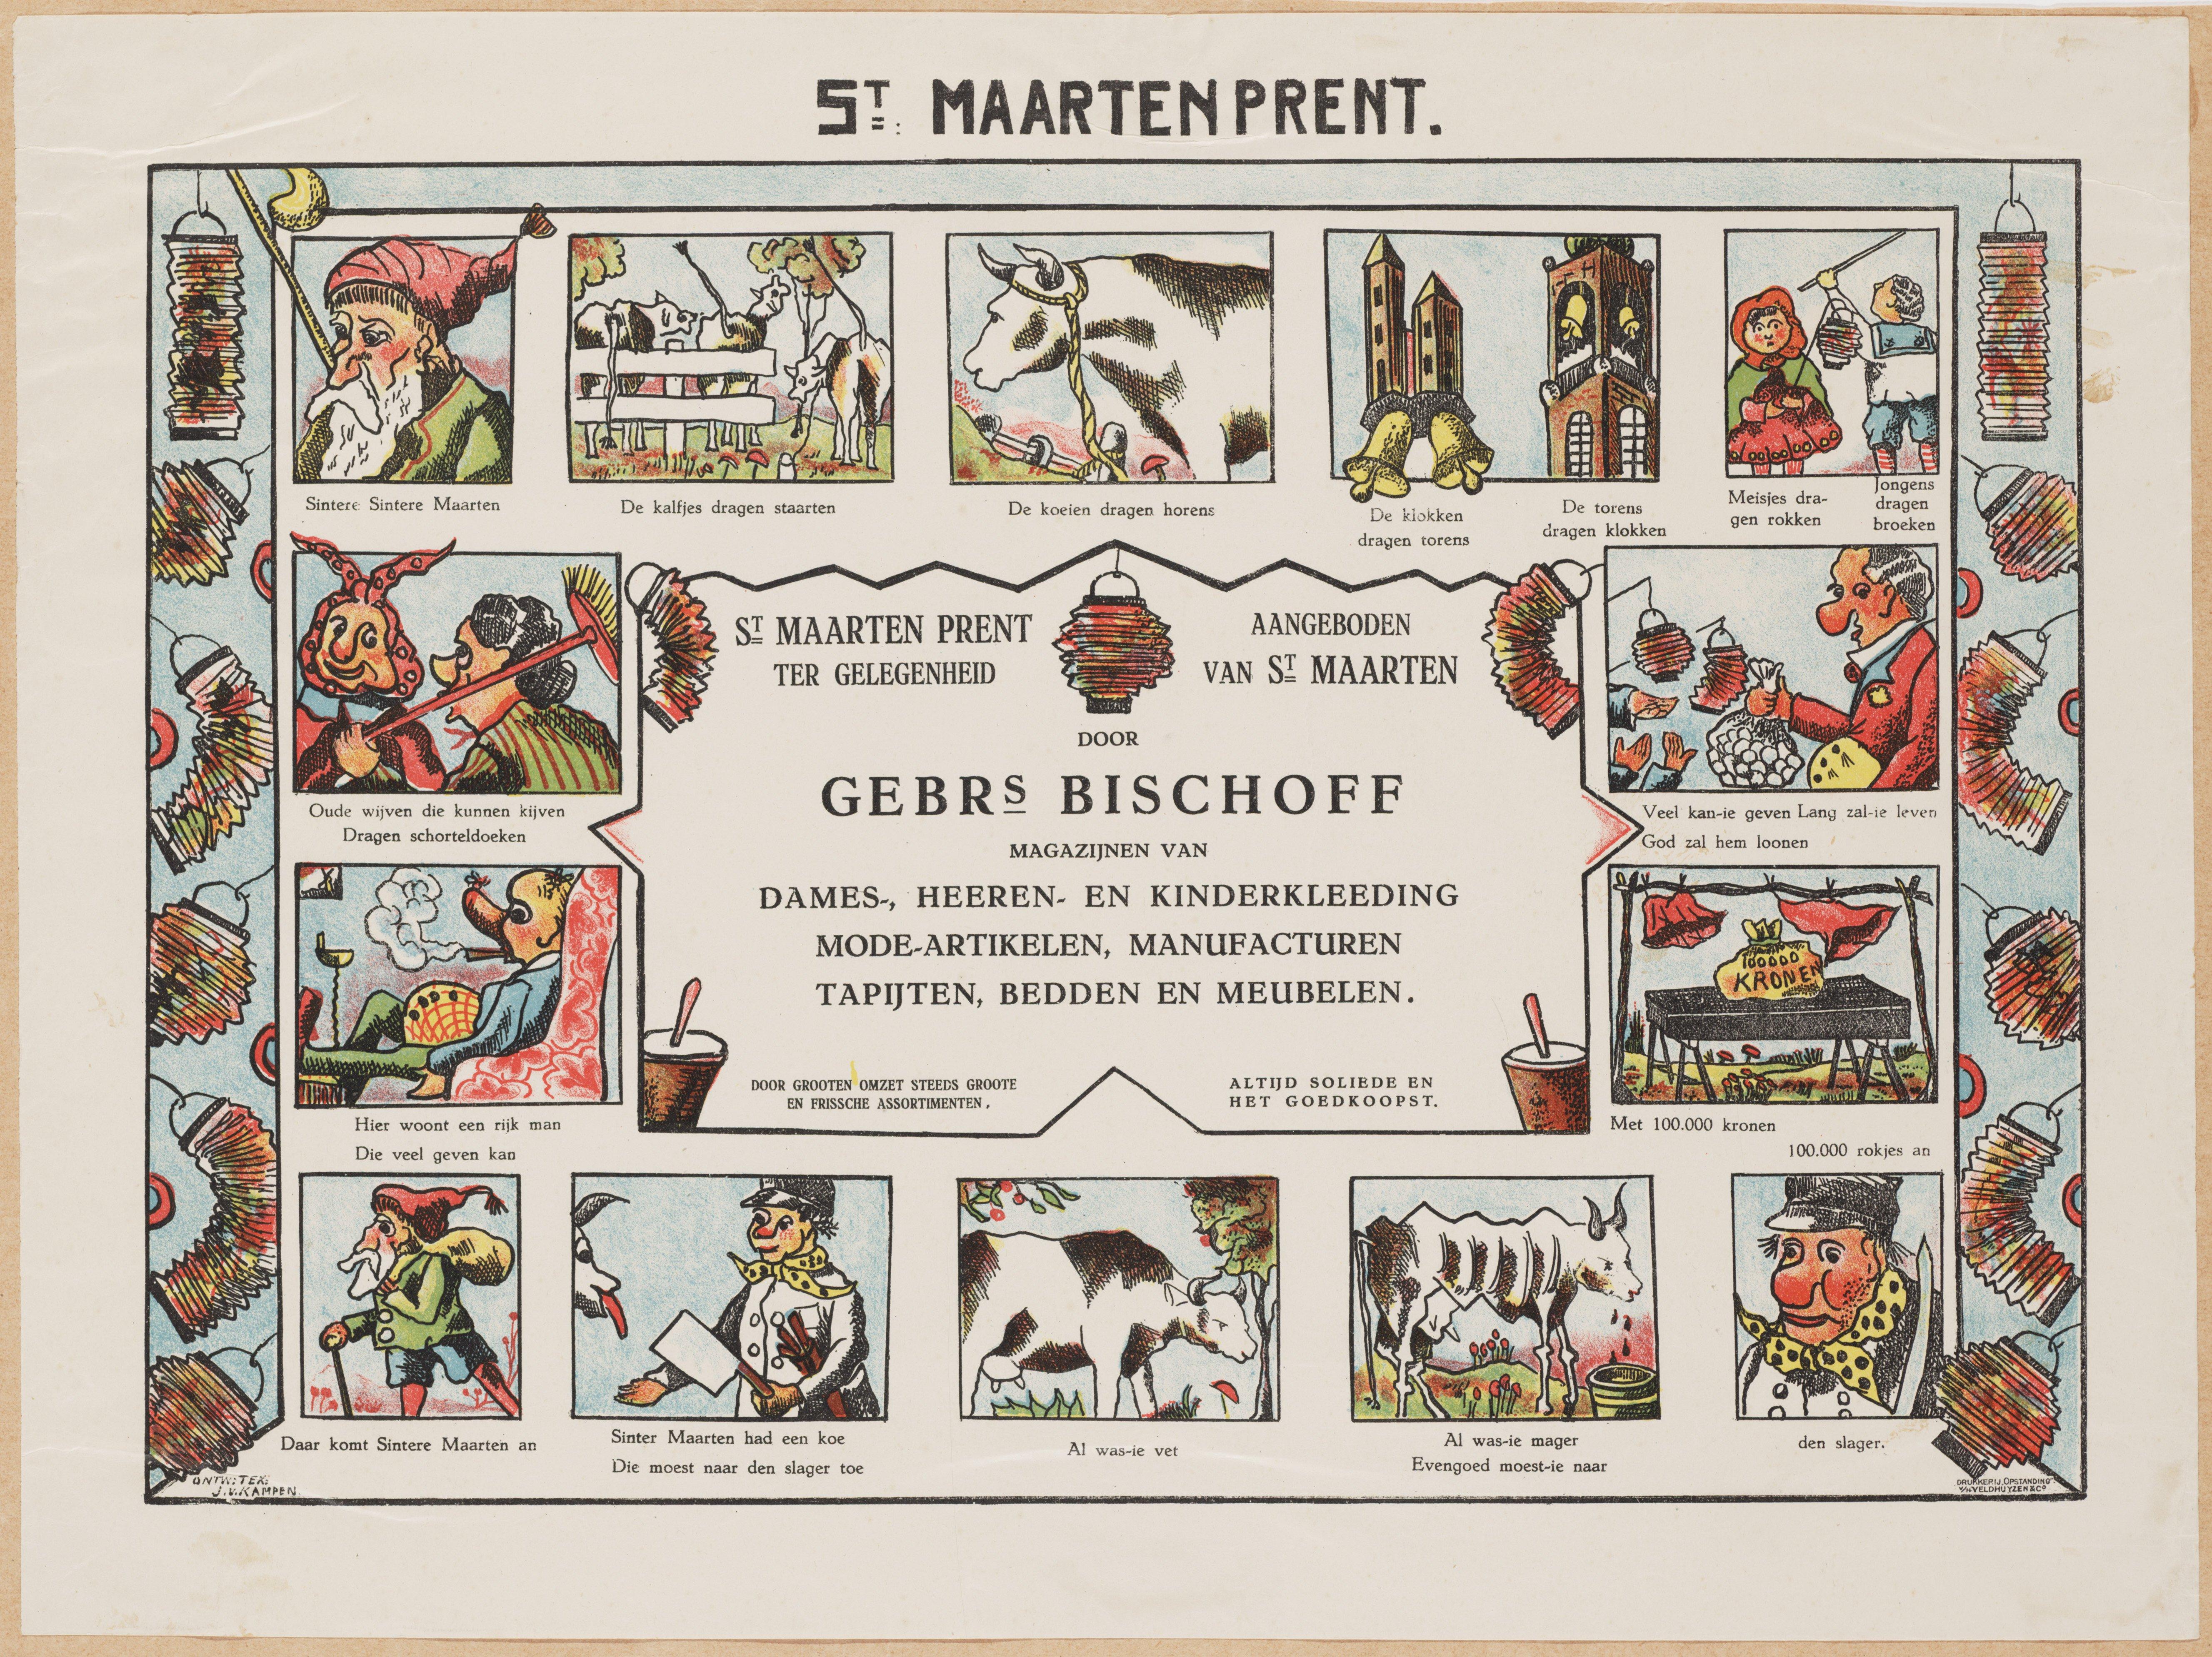 st-maarten-centsprent-gebr-bischoff-12-0957